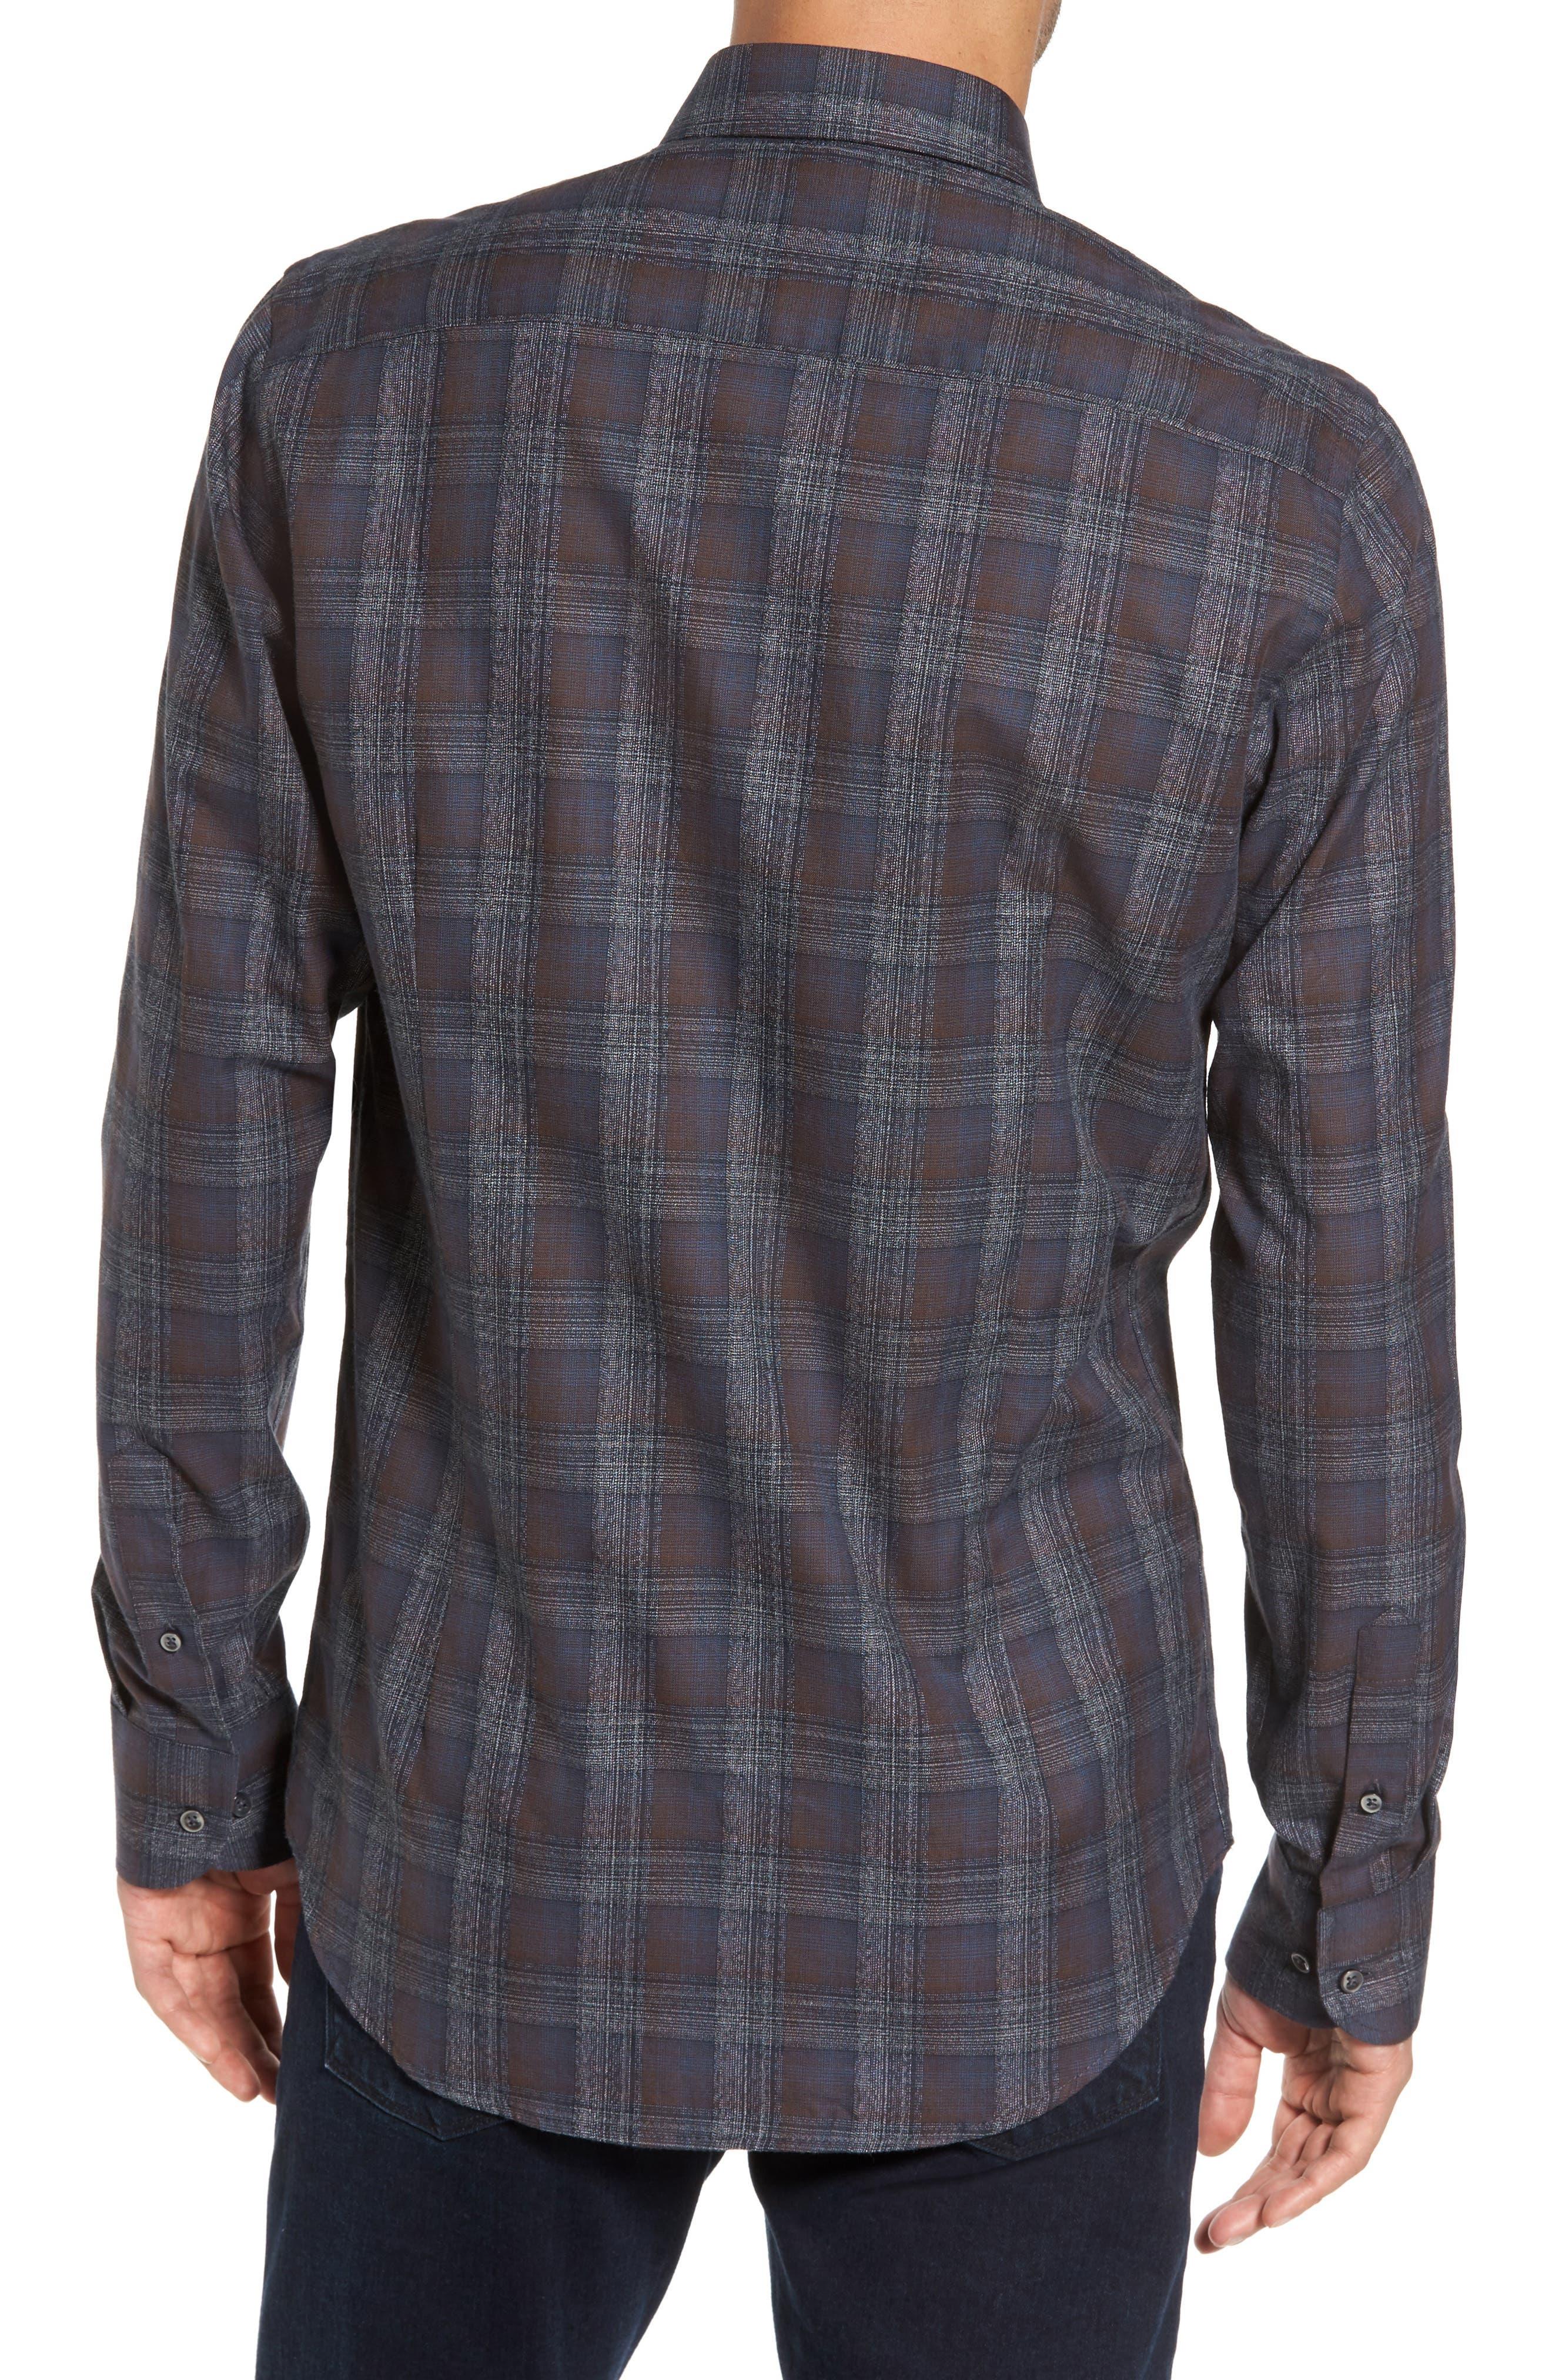 Trim Fit Plaid Sport Shirt,                             Alternate thumbnail 2, color,                             290 Brown Grey Plaid